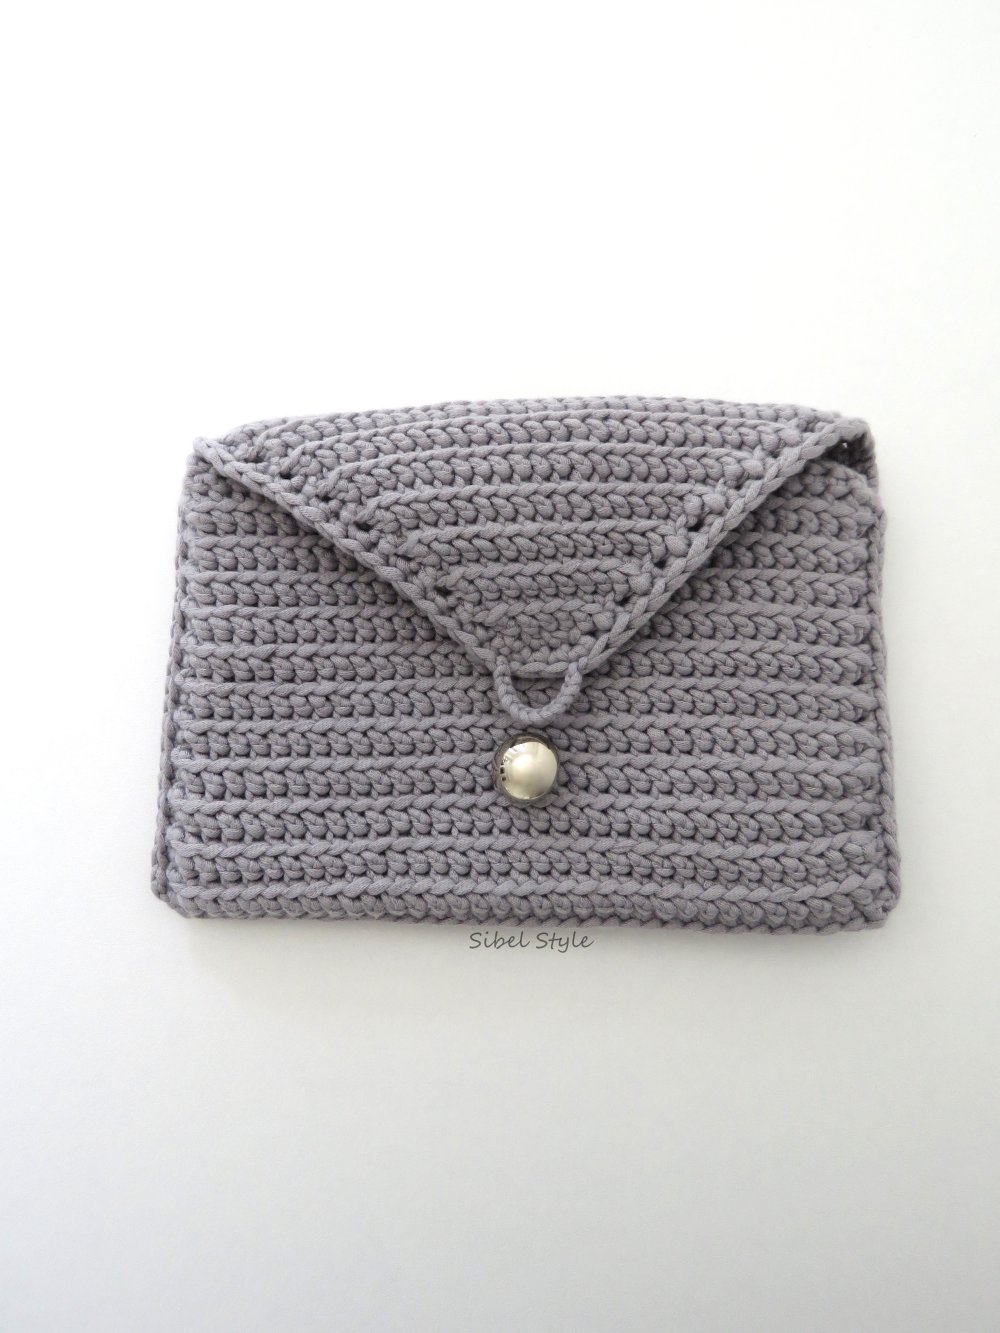 Pochette au crochet fait-main gris, sac à main femme, étui à maquillage/cosmétique trousse de toilette